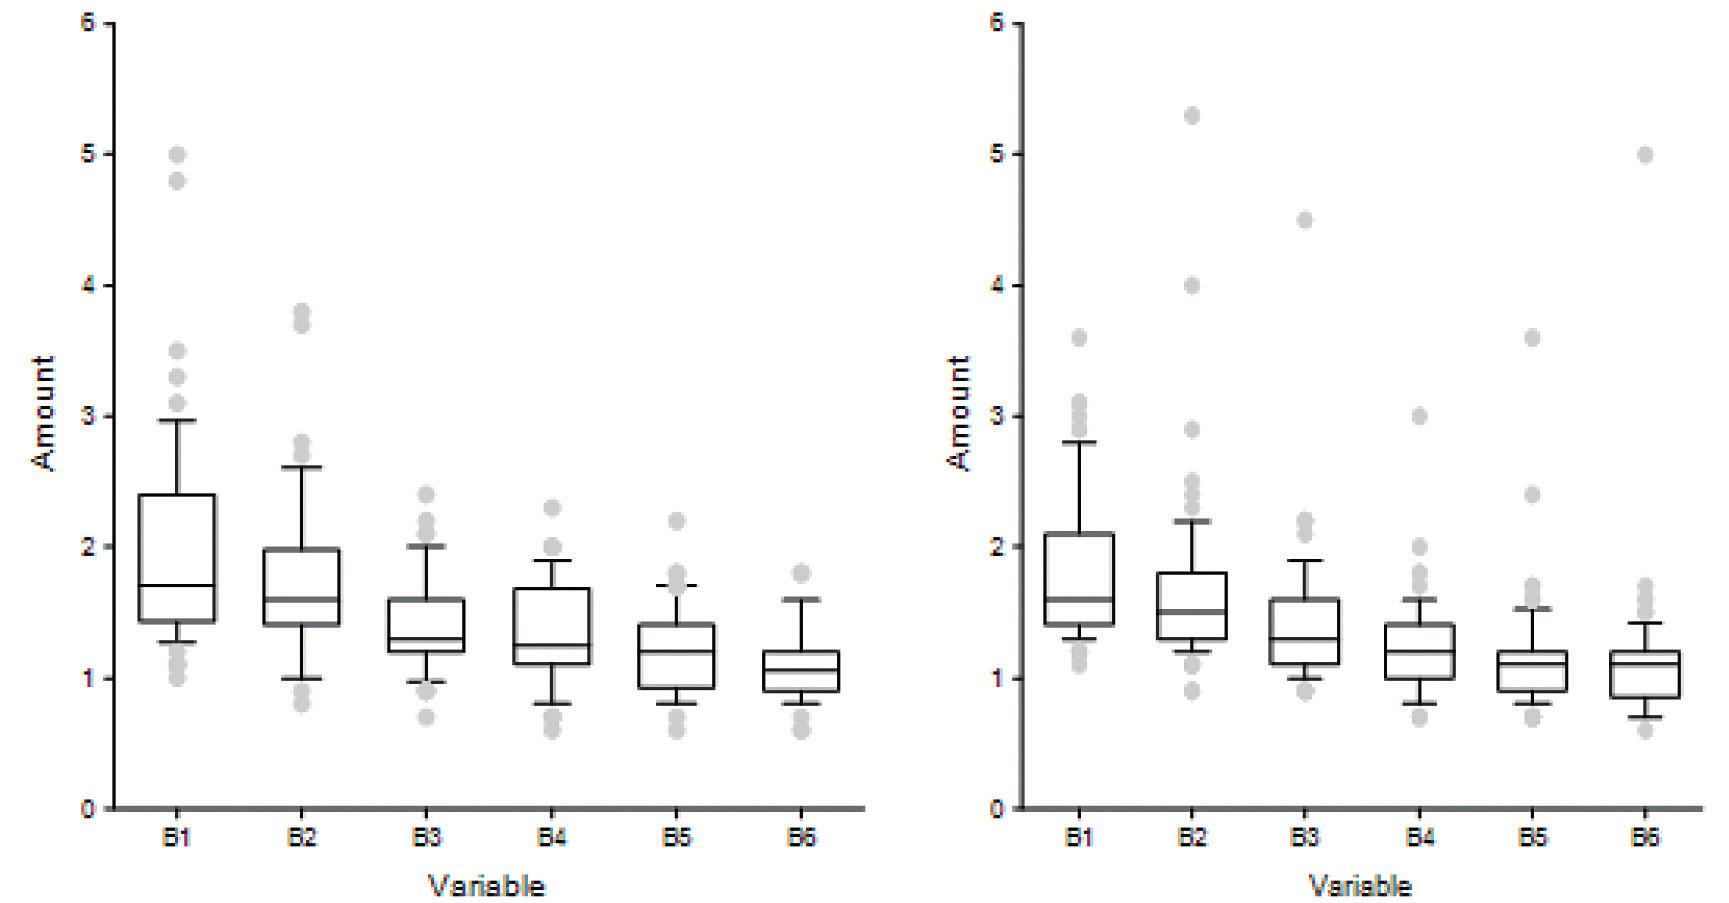 """Obsah bílkoviny v prvních 3 postnatálních týdnech ve skupině 24.–30. gestační týden (vlevo) a 31.–35. gestační týden (vpravo). Boxplot s vizualizací numerických dat pomocí kvartilů. Střední """"krabicová"""" část diagramu je shora ohraničena 3. kvartilem, zespodu 1. kvartilem, mezi nimi se nachází linie vymezující medián."""